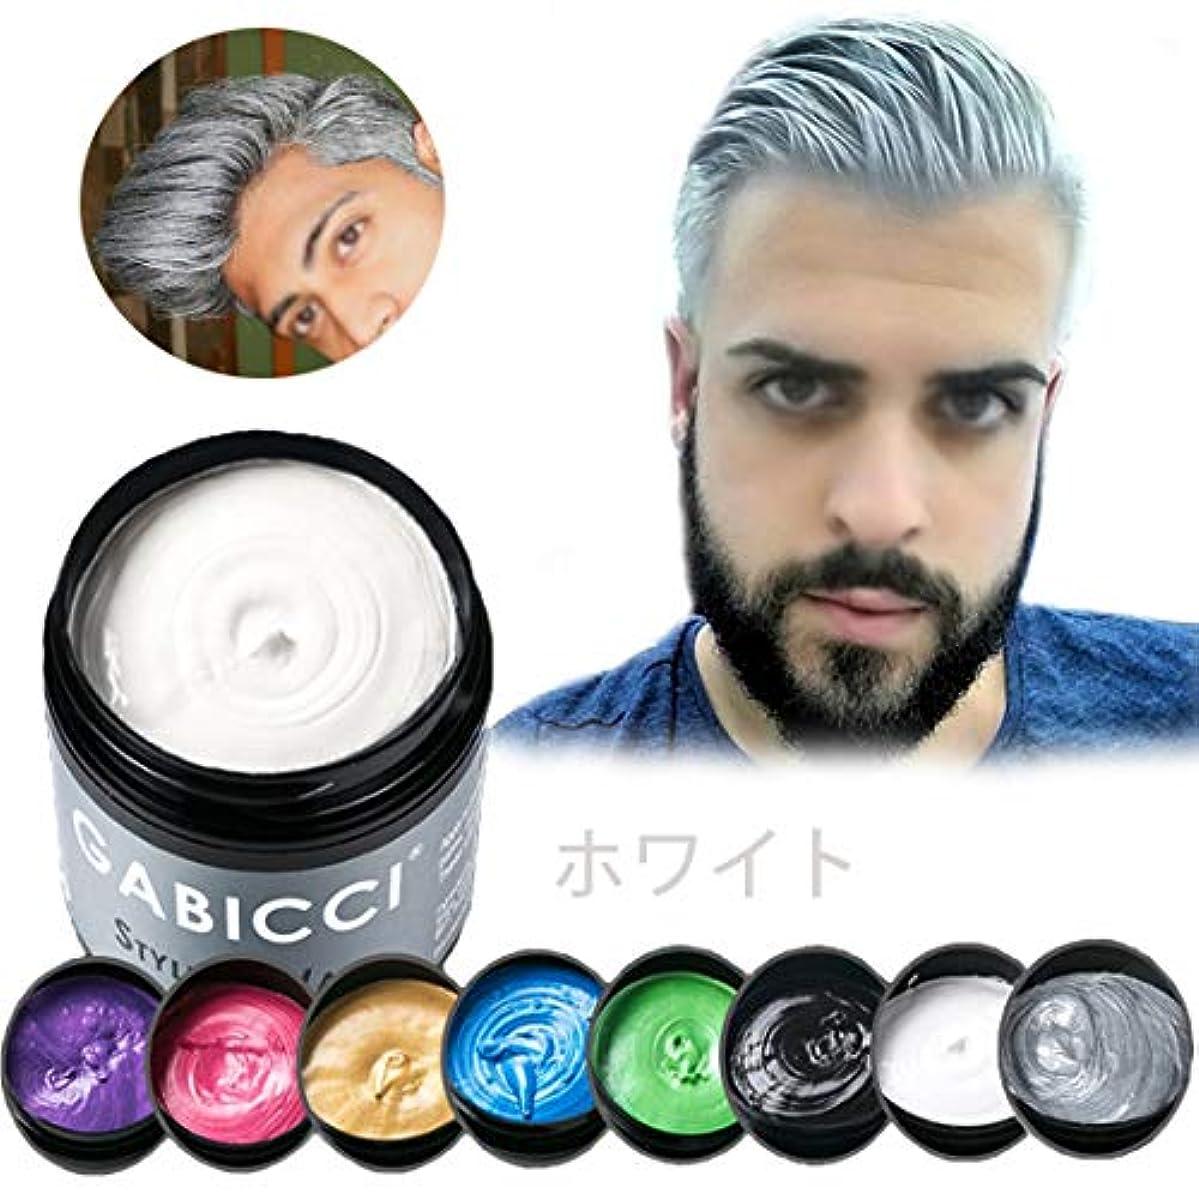 カラー ワックス 髪染め ヘアカラーワックス ダイヘア ワンタイムヘアワックスユニセックス8色diyヘアカラーヘアパーティーロールプレイング (ホワイト)